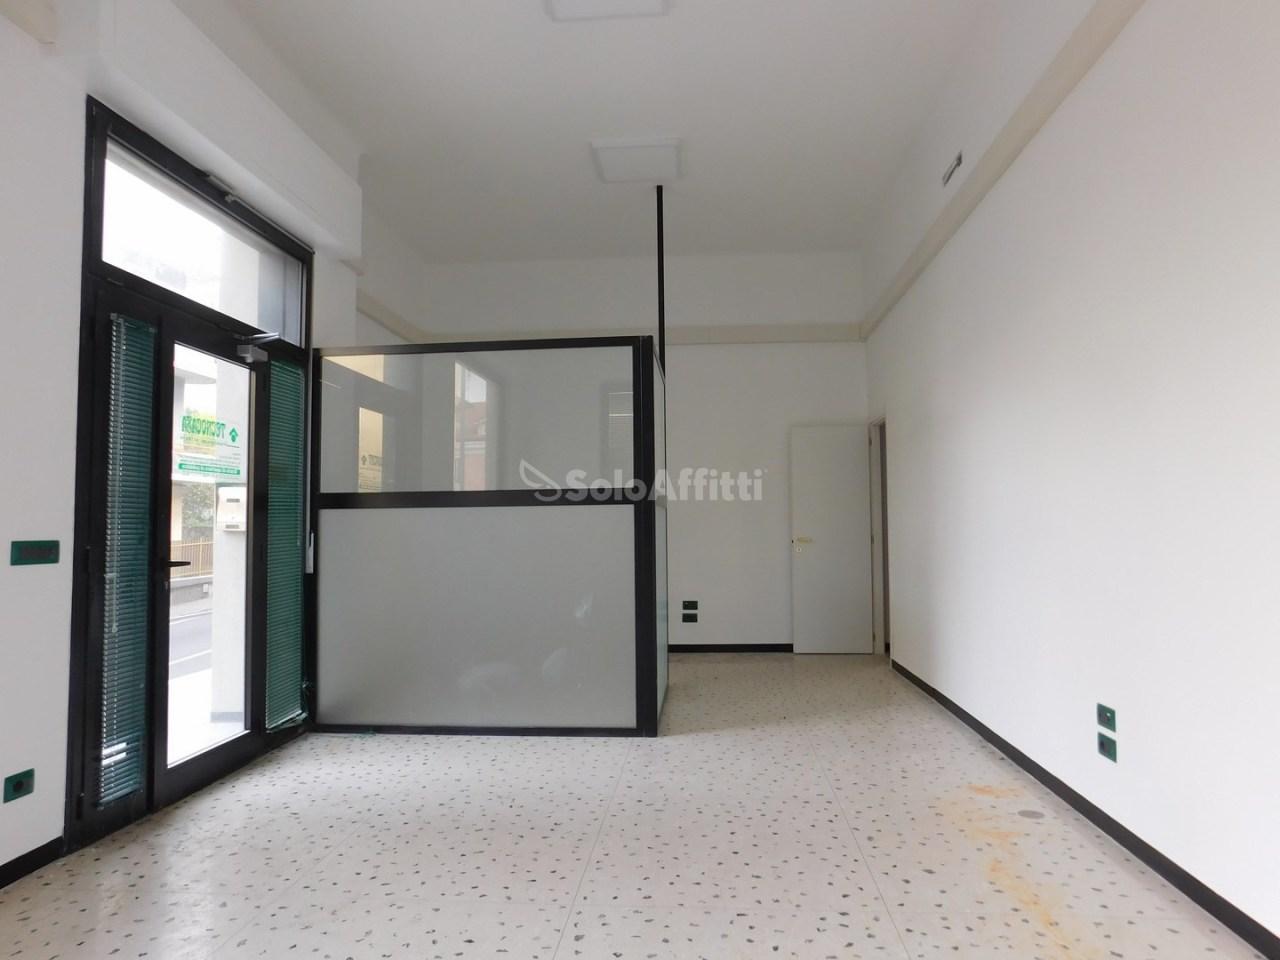 Negozio / Locale in affitto a Celle Ligure, 3 locali, prezzo € 580 | PortaleAgenzieImmobiliari.it